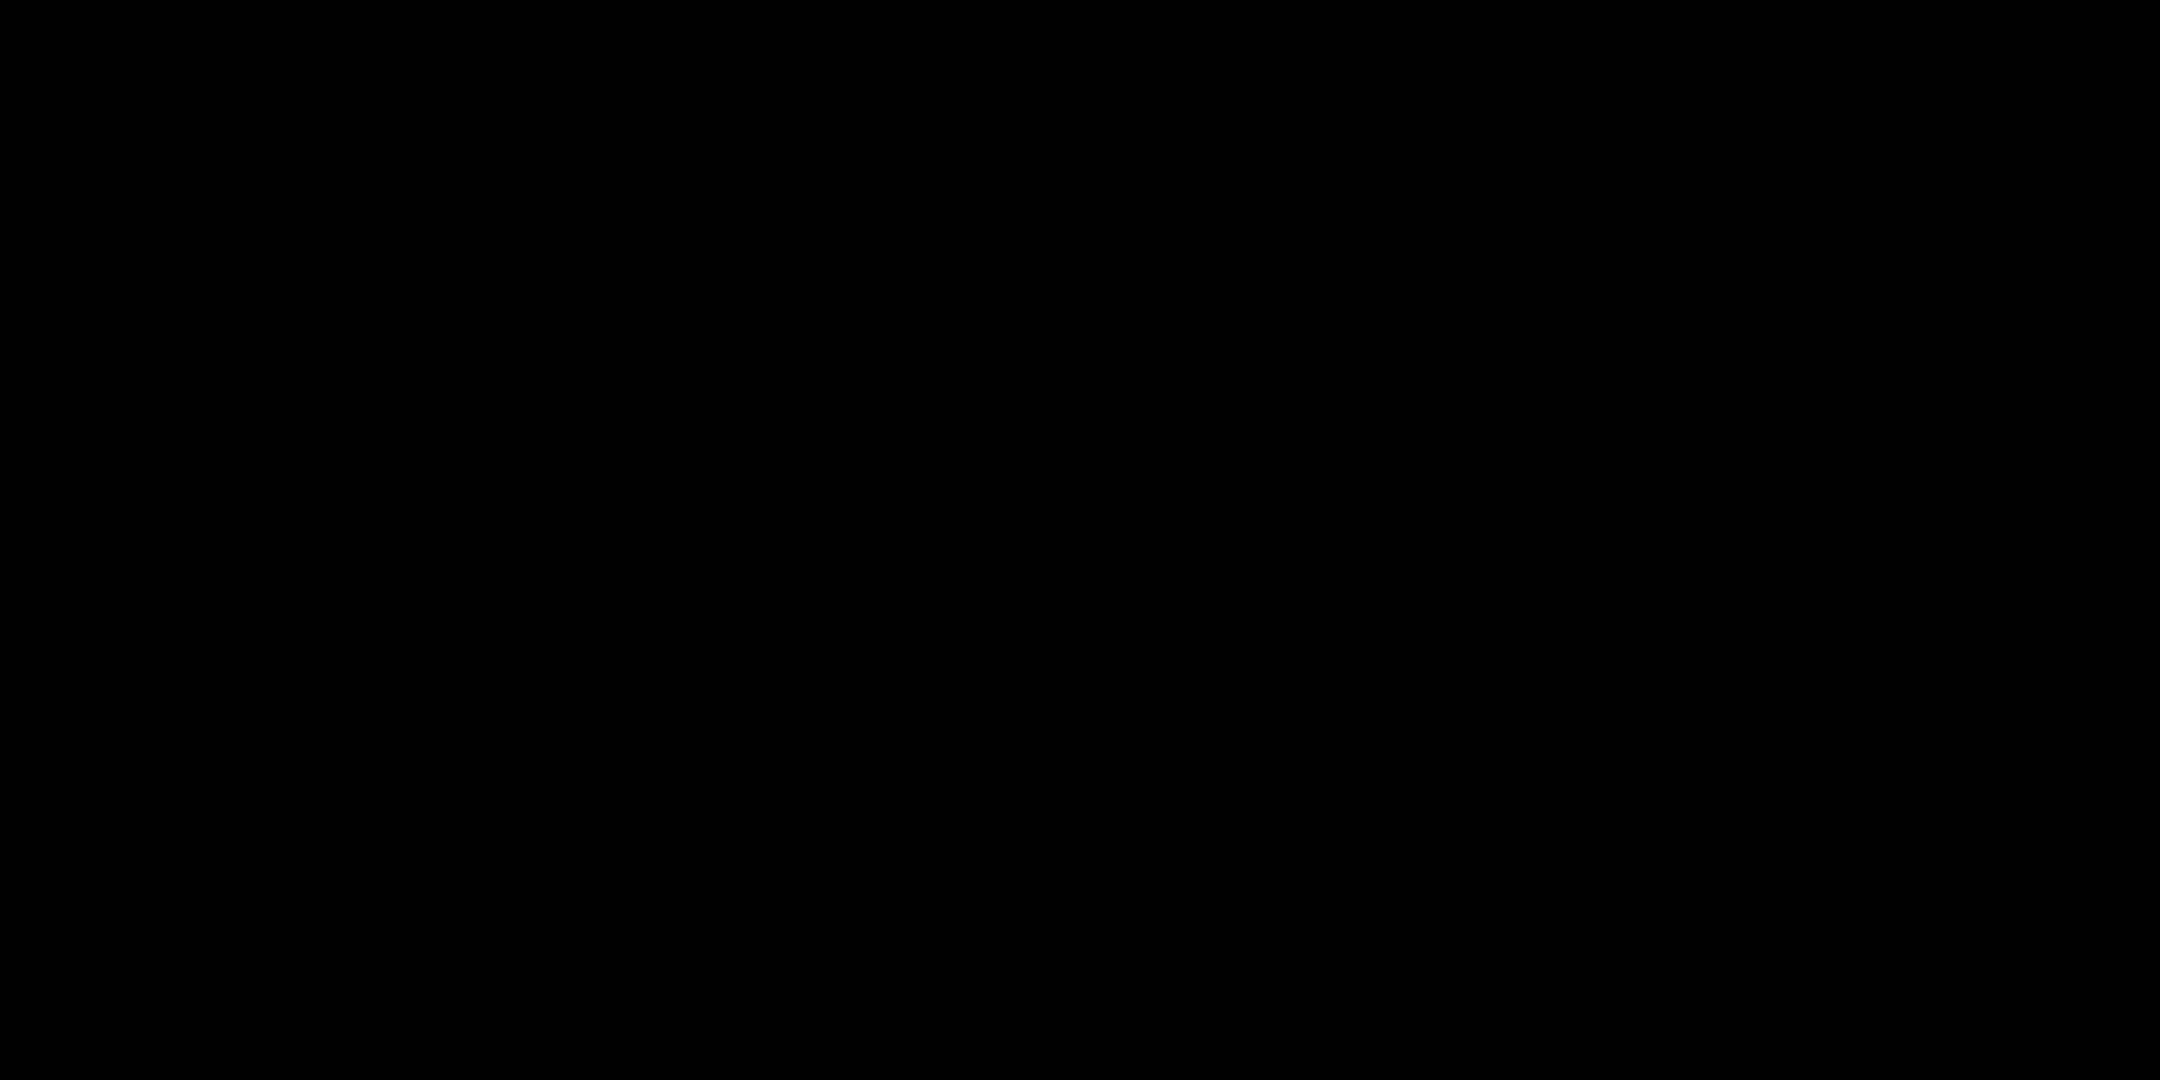 PEAK_Logo_Black_Justified_TRADEMARKED.png